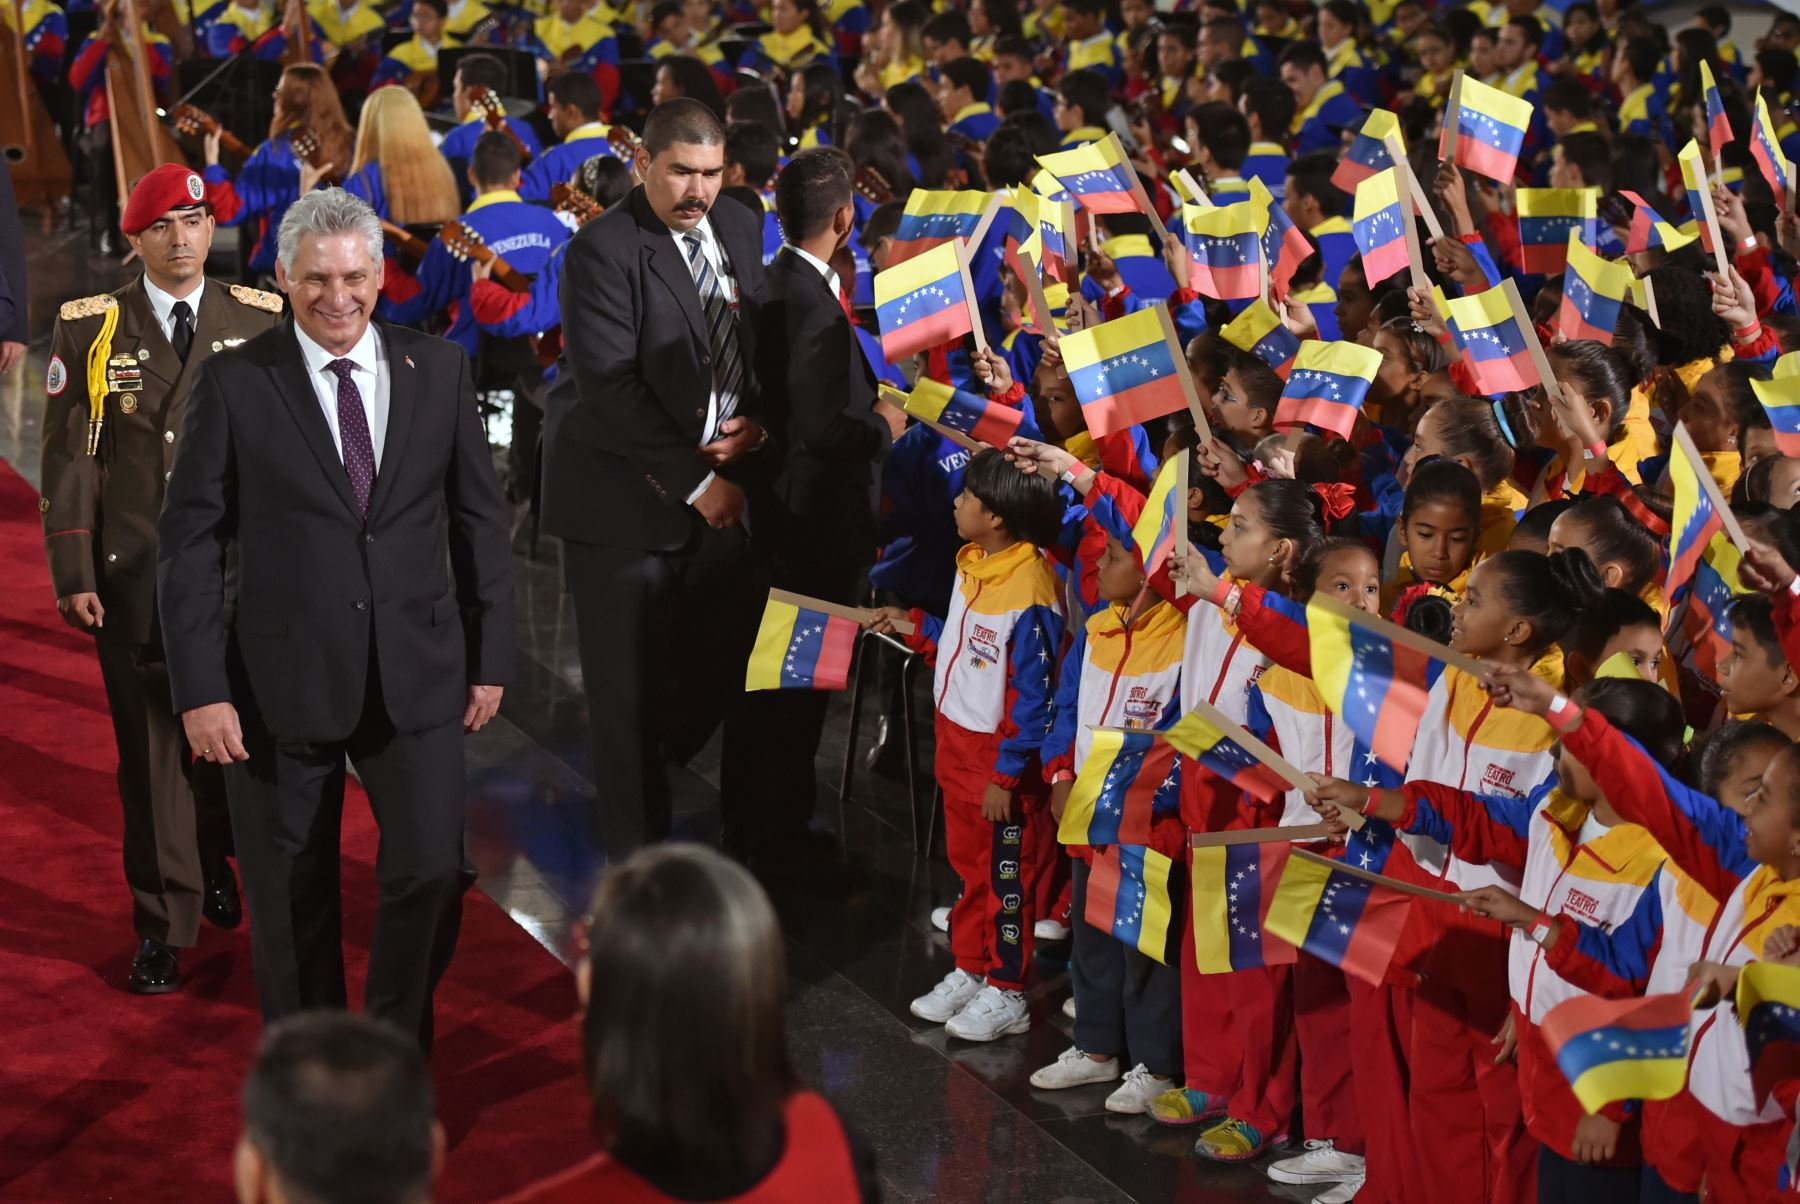 El presidente de Cuba, Miguel Díaz-Canel (2º L), camina a su llegada para la ceremonia de inauguración del segundo mandato del presidente de Venezuela, Nicolás Maduro. AFP